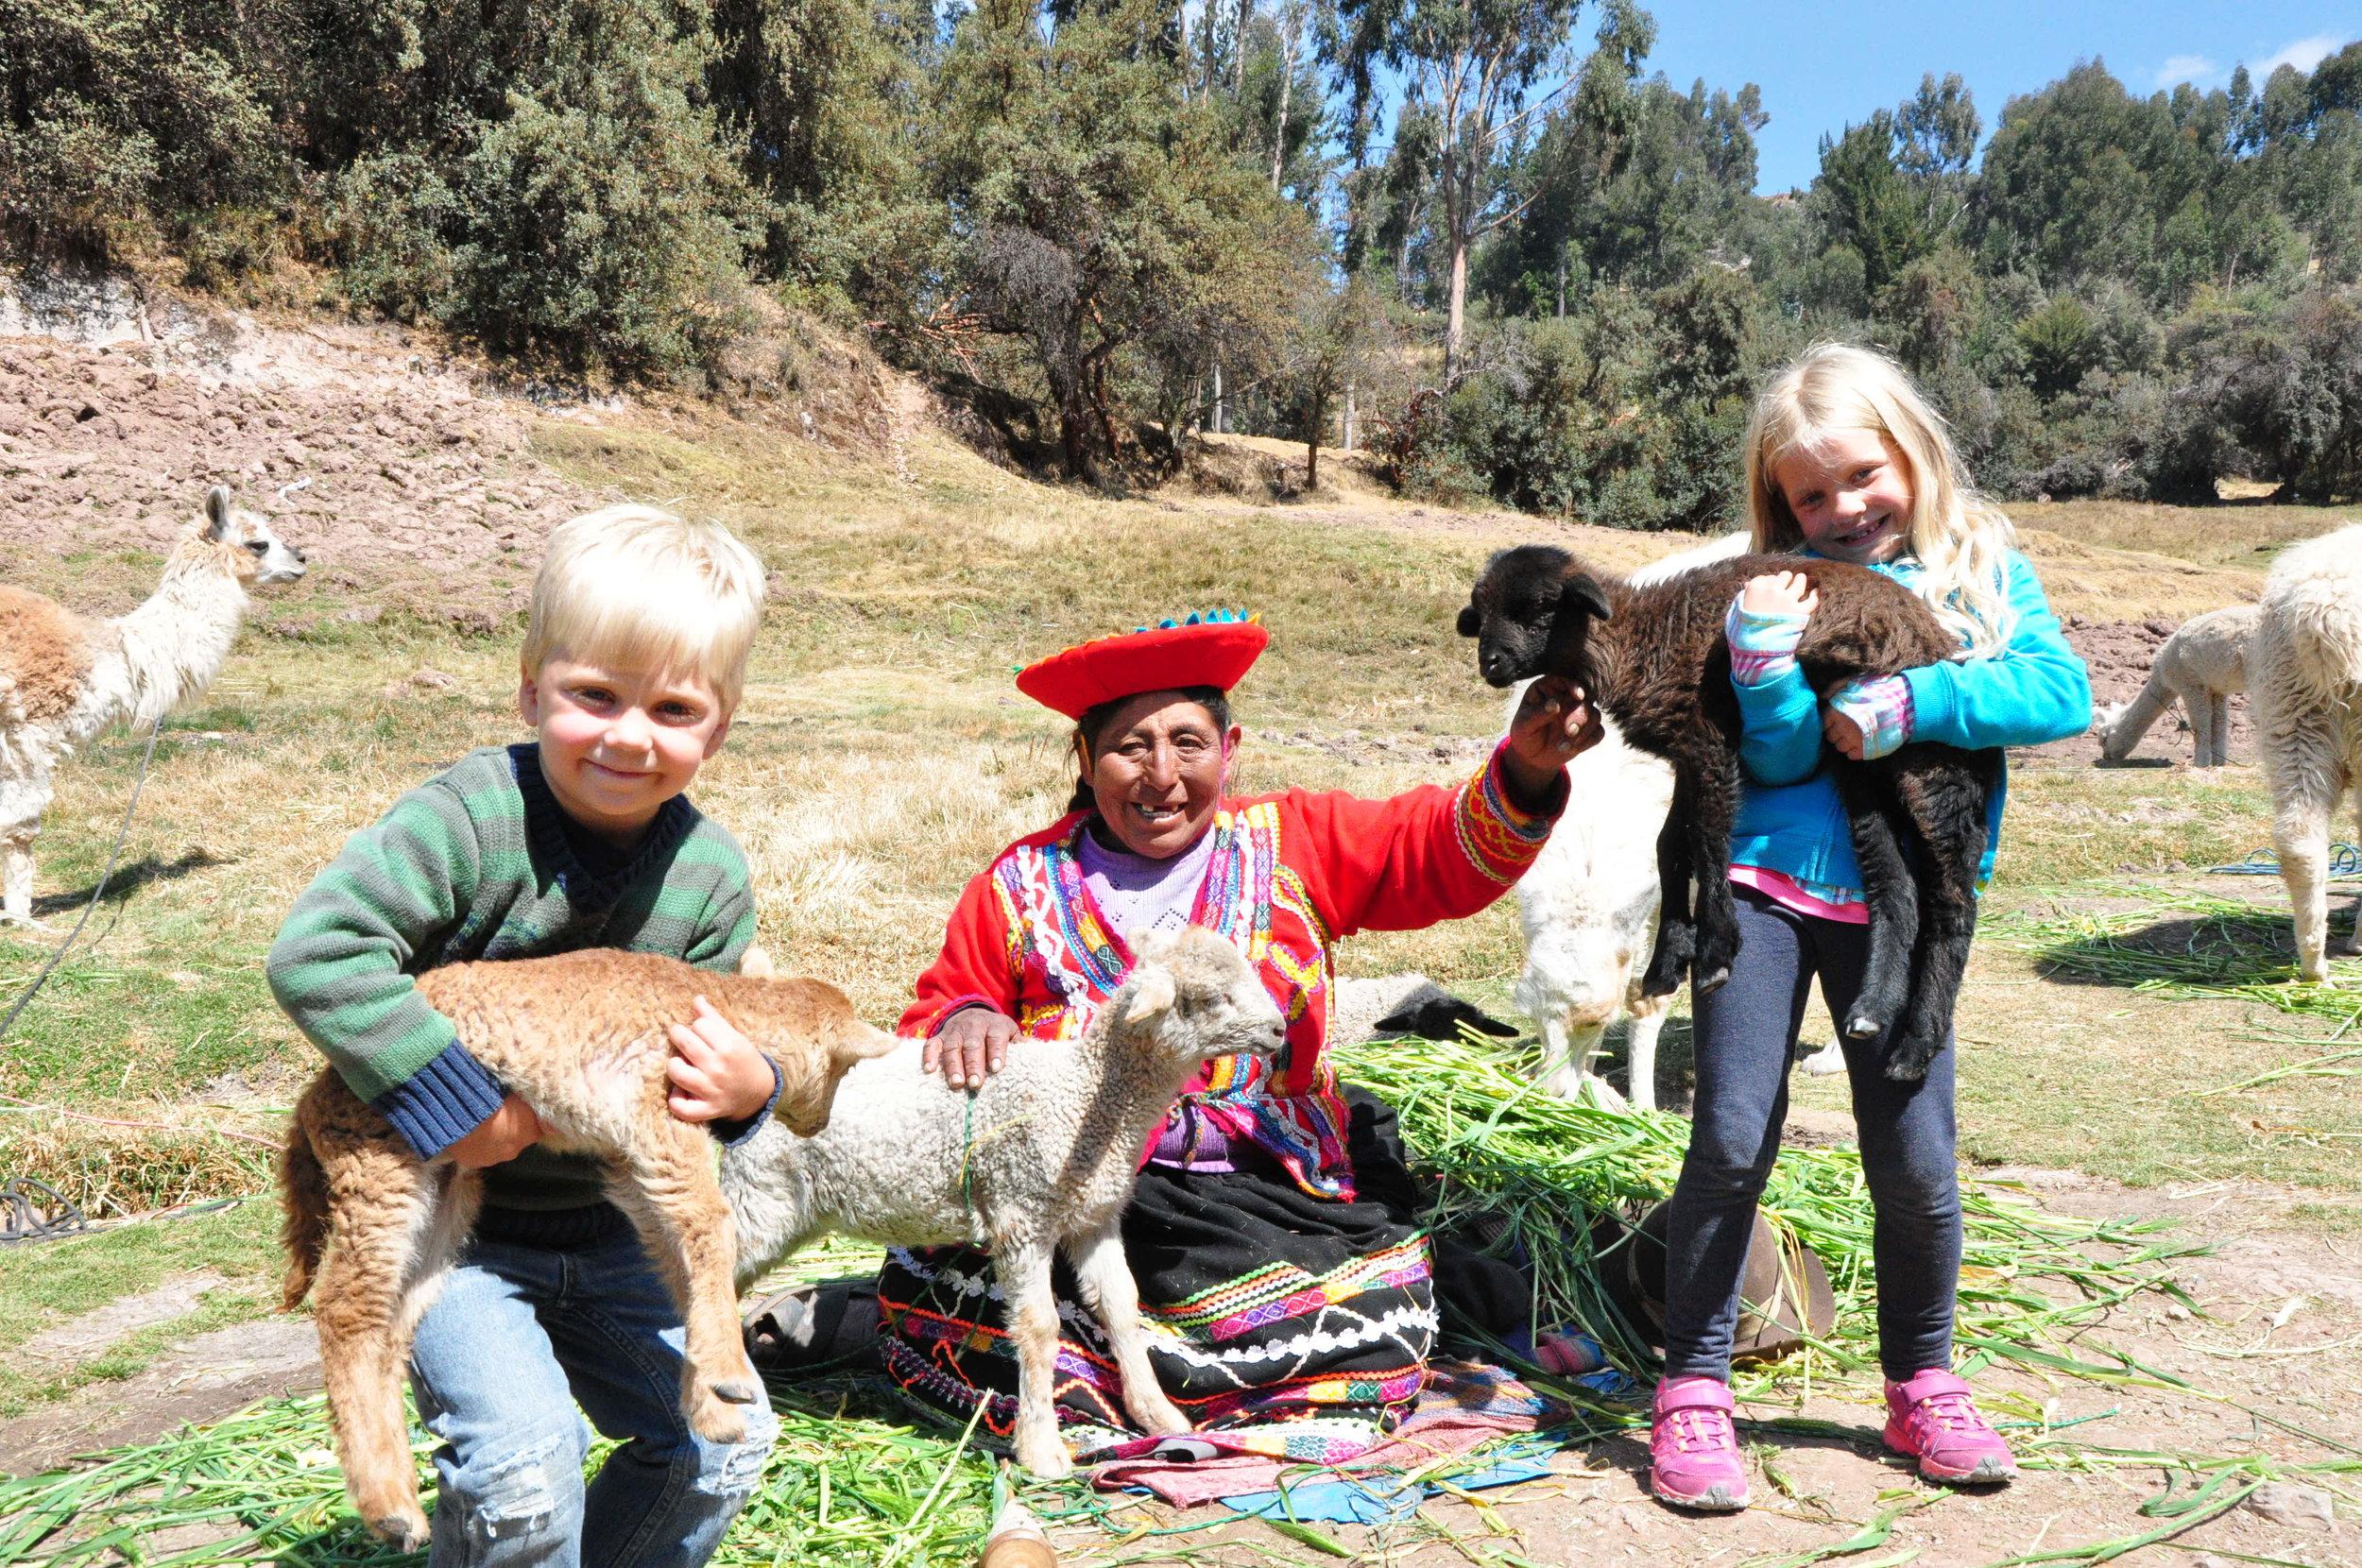 Baby llamas and alpacas